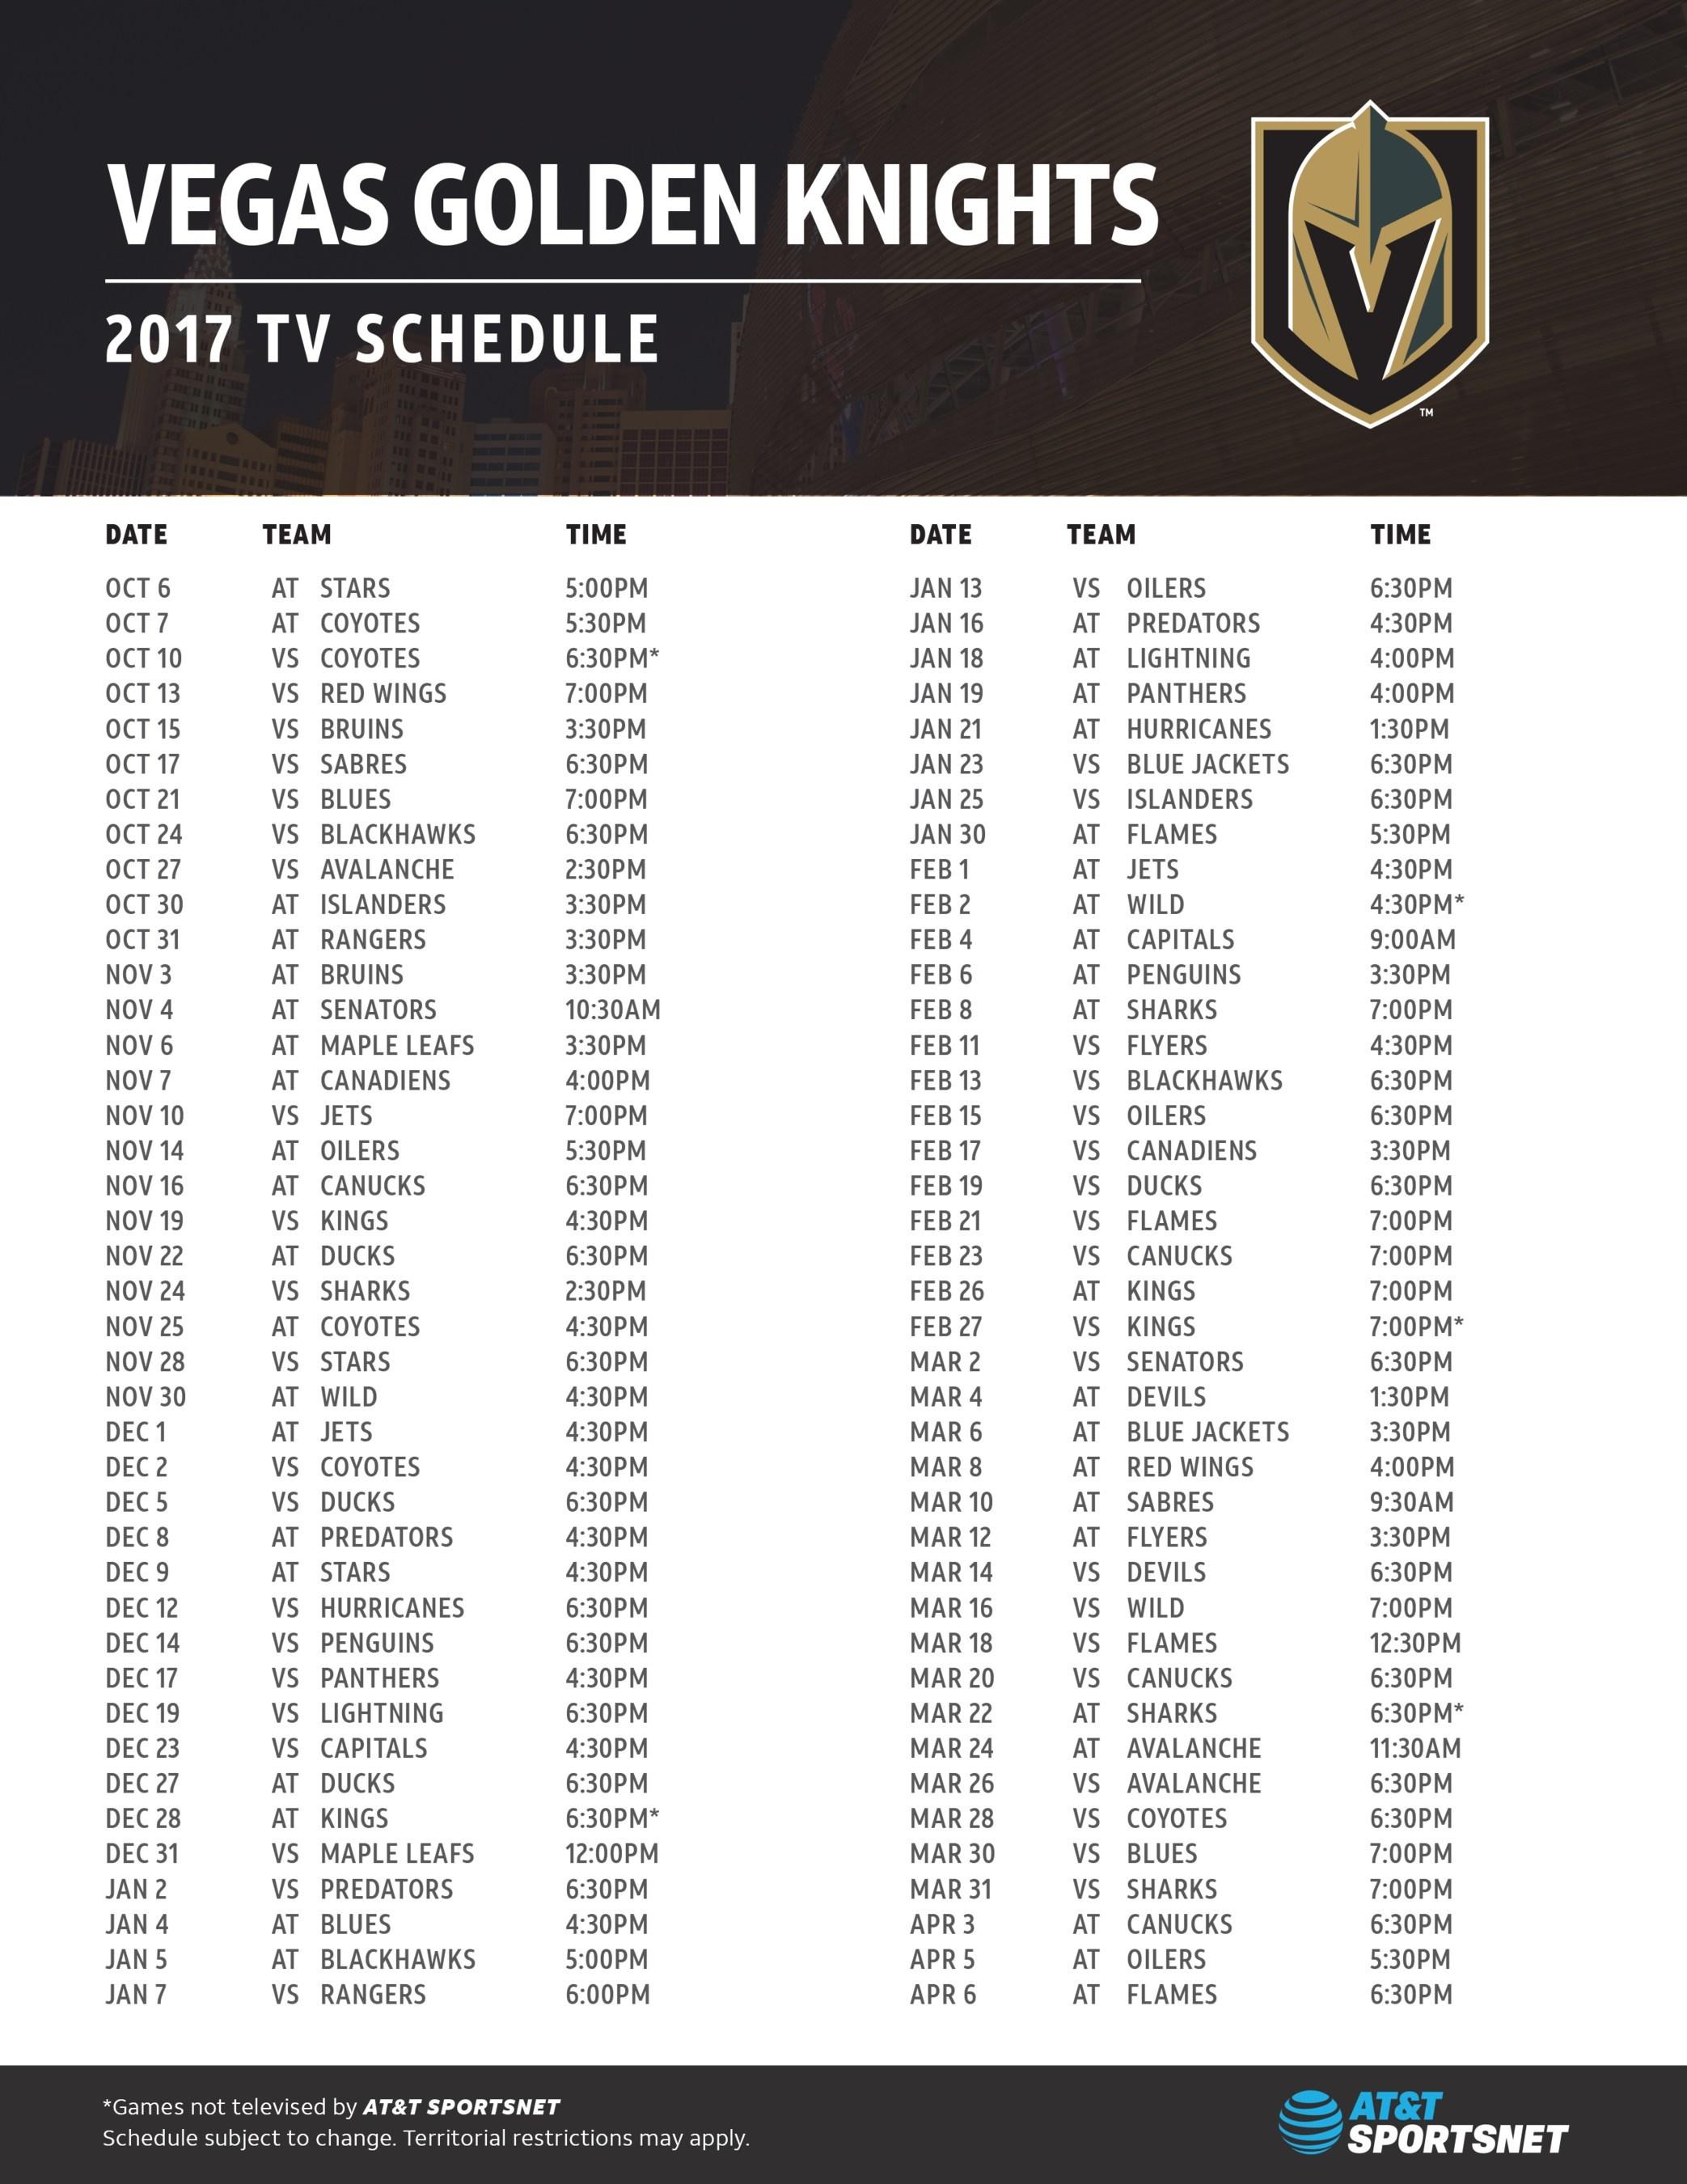 VEGAS GOLDEN KNIGHTS 2017 TV Schedule. (PRNewsfoto/AT&T SportsNet)